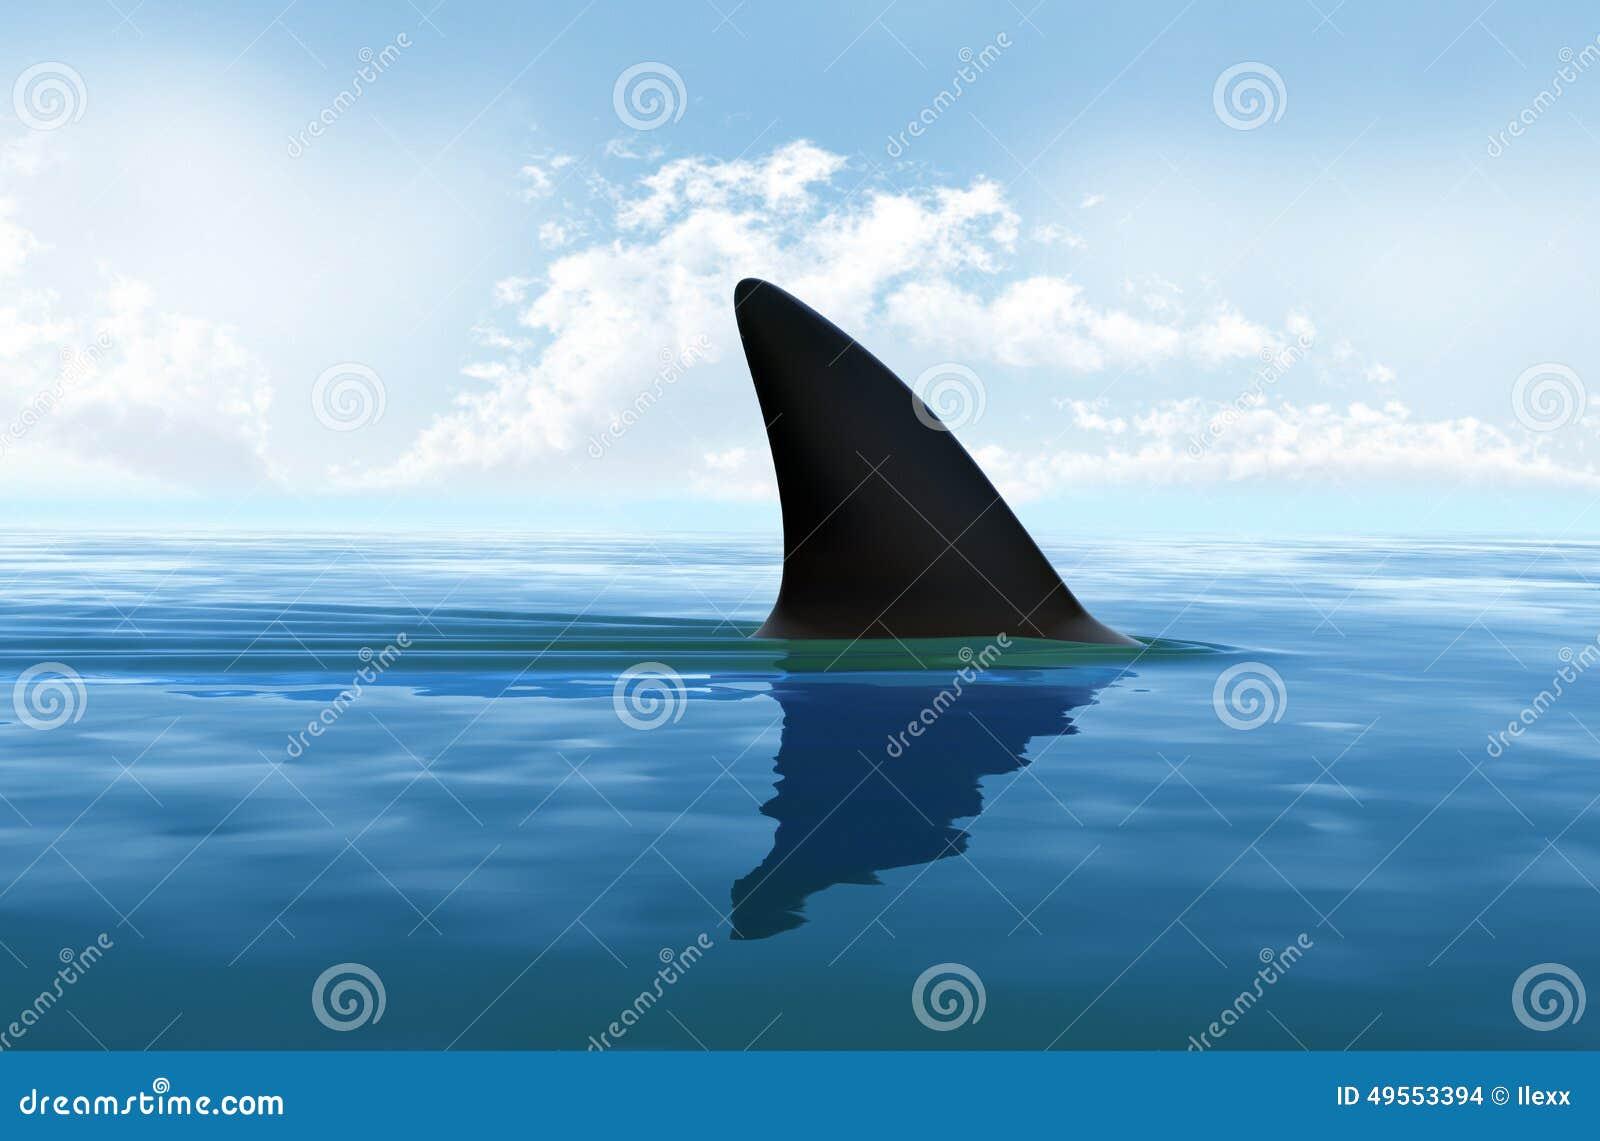 Haifischflosse Überwasser stock abbildung. Illustration von leben ...